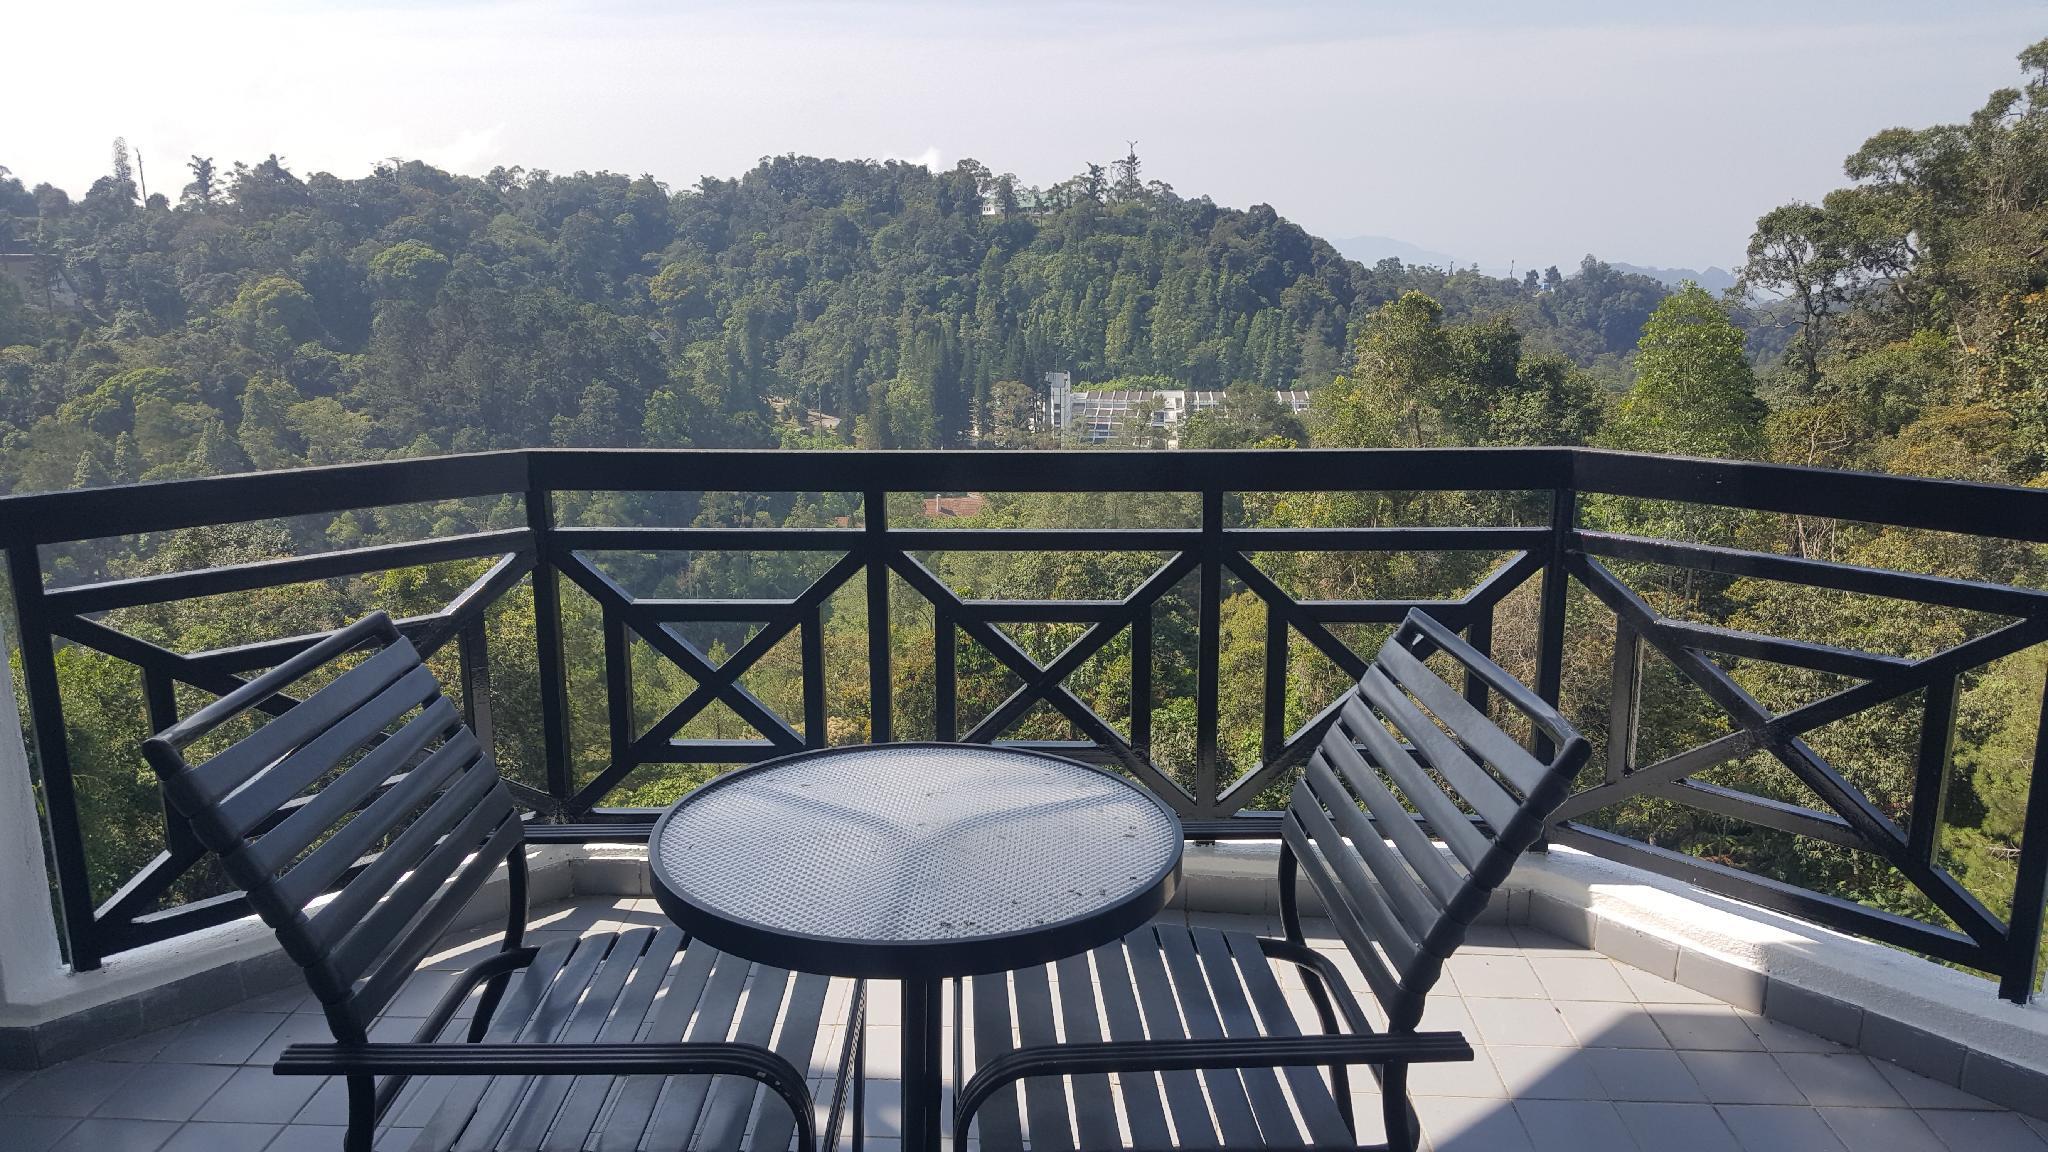 C3 3A 2 Silverpark Resort   Walk Up 1.5 Floor